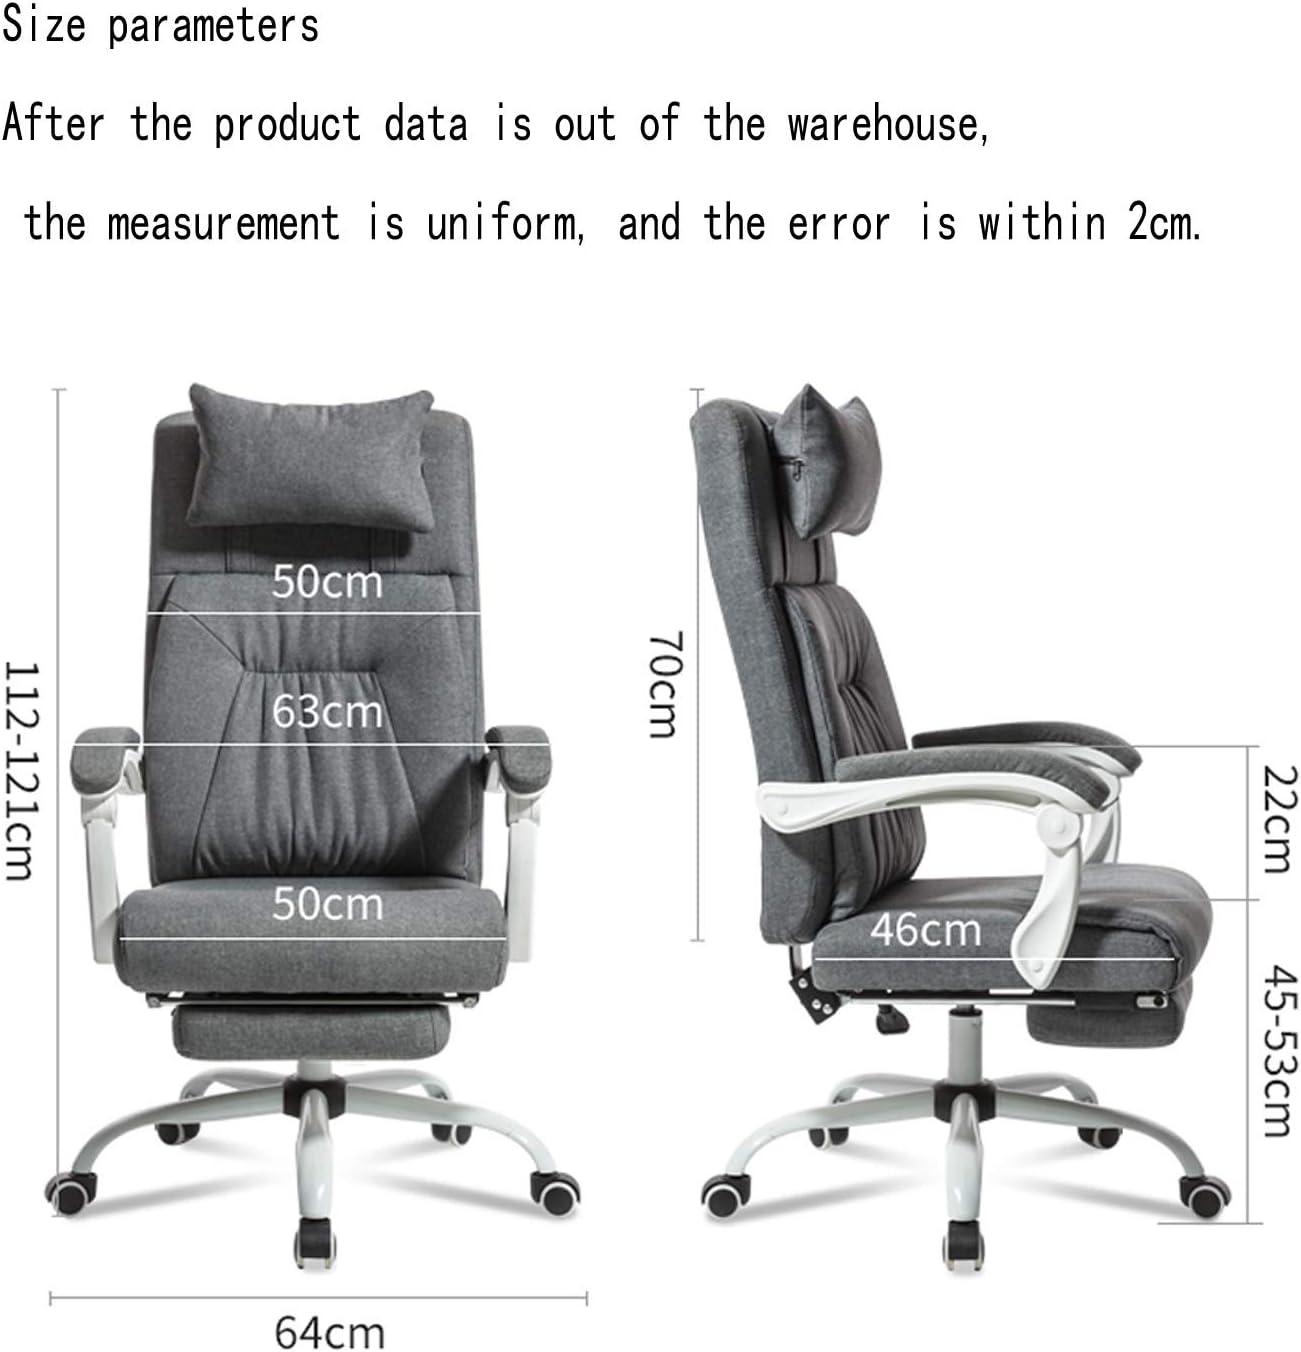 Chaise de Bureau Patron Chaise président Gaming Fauteuil Inclinable Tissu Chaise pivotante Tabouret Chaise de Bureau Simple Ménage Chaise Informatique Grey Beige